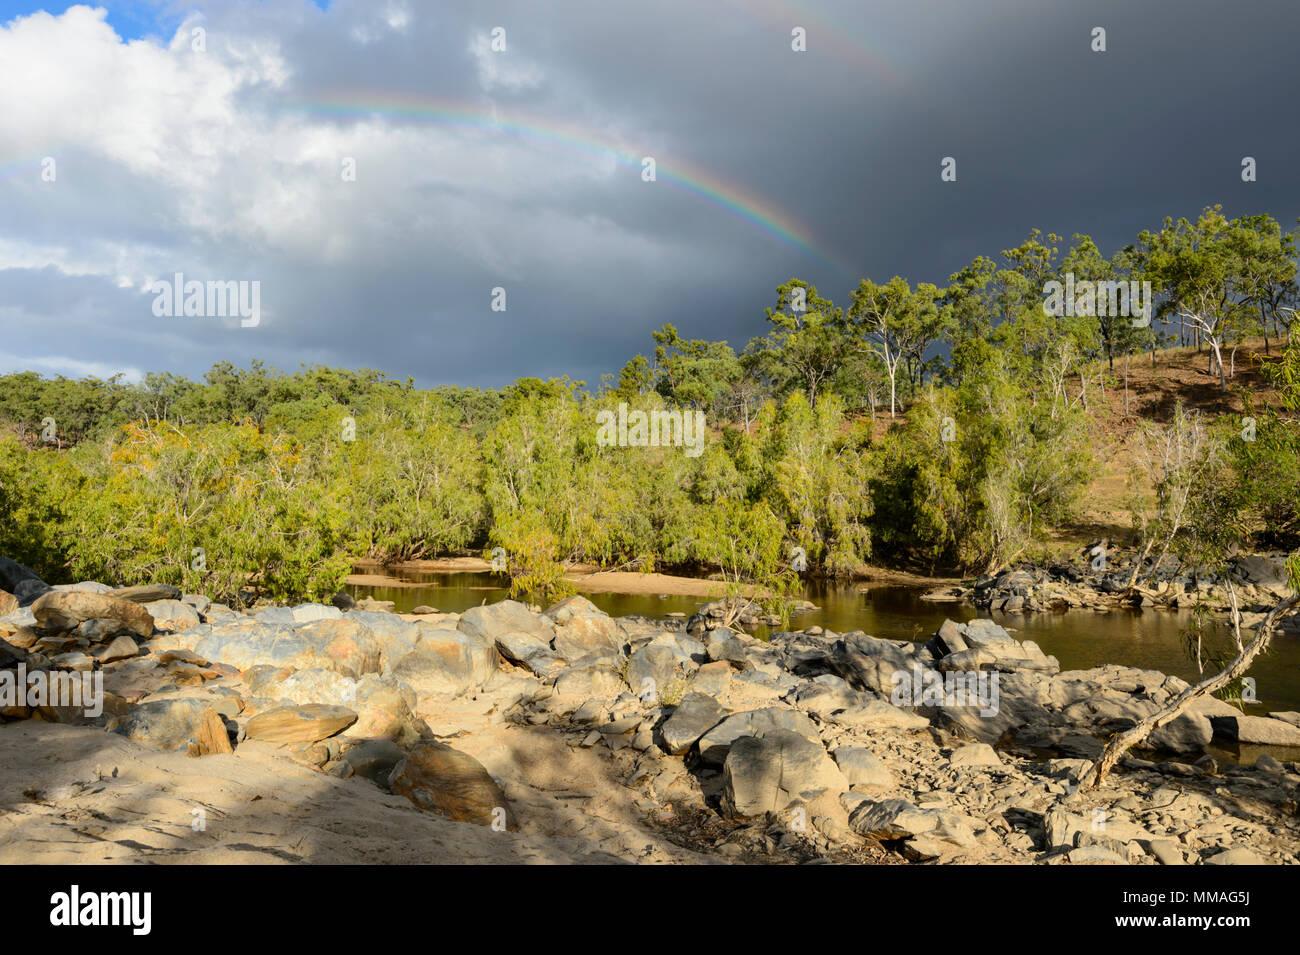 Schwarze Wolken und Regenbogen über Buschland in Palmer River Goldfield, Far North Queensland, FNQ, QLD, Australien Stockfoto